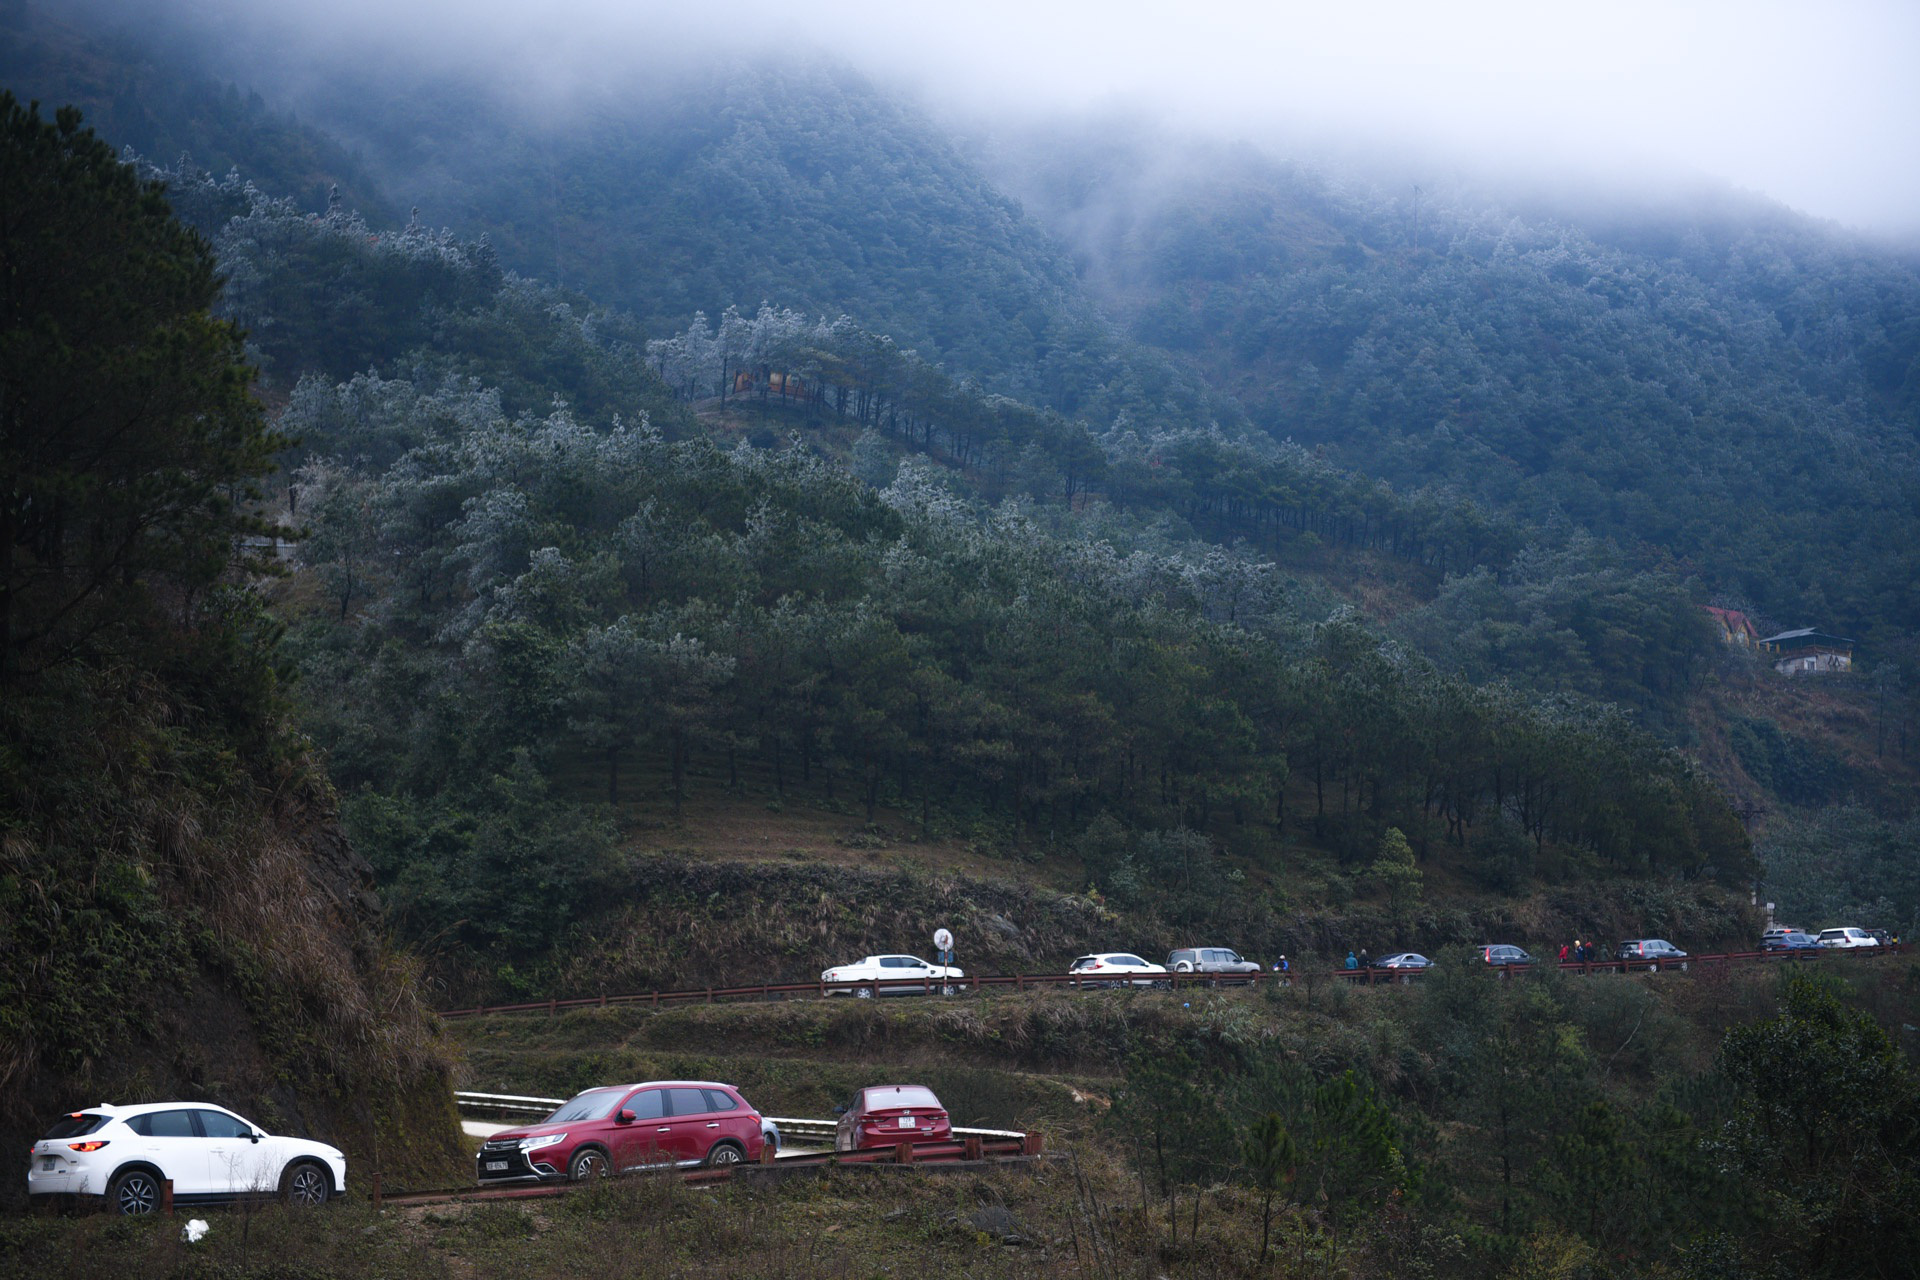 ẢNH: Nhiều người lên đỉnh Mẫu Sơn xem băng tuyết gây ùn tắc giao thông - Ảnh 2.